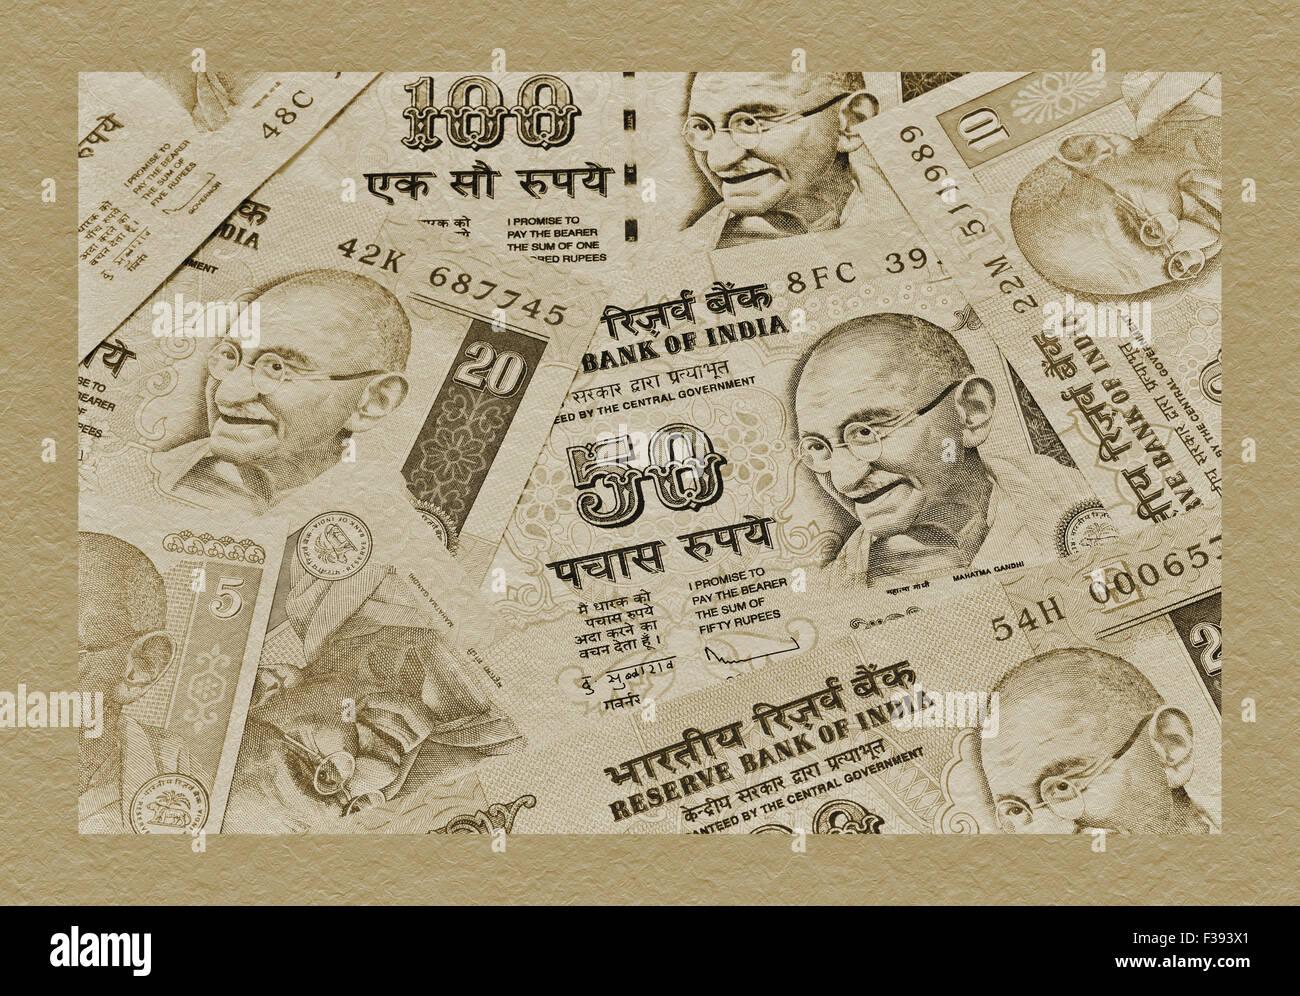 Molte Rupie Indiane fatture con il ritratto del Mahatma Gandhi affiancati, India, Asia Immagini Stock